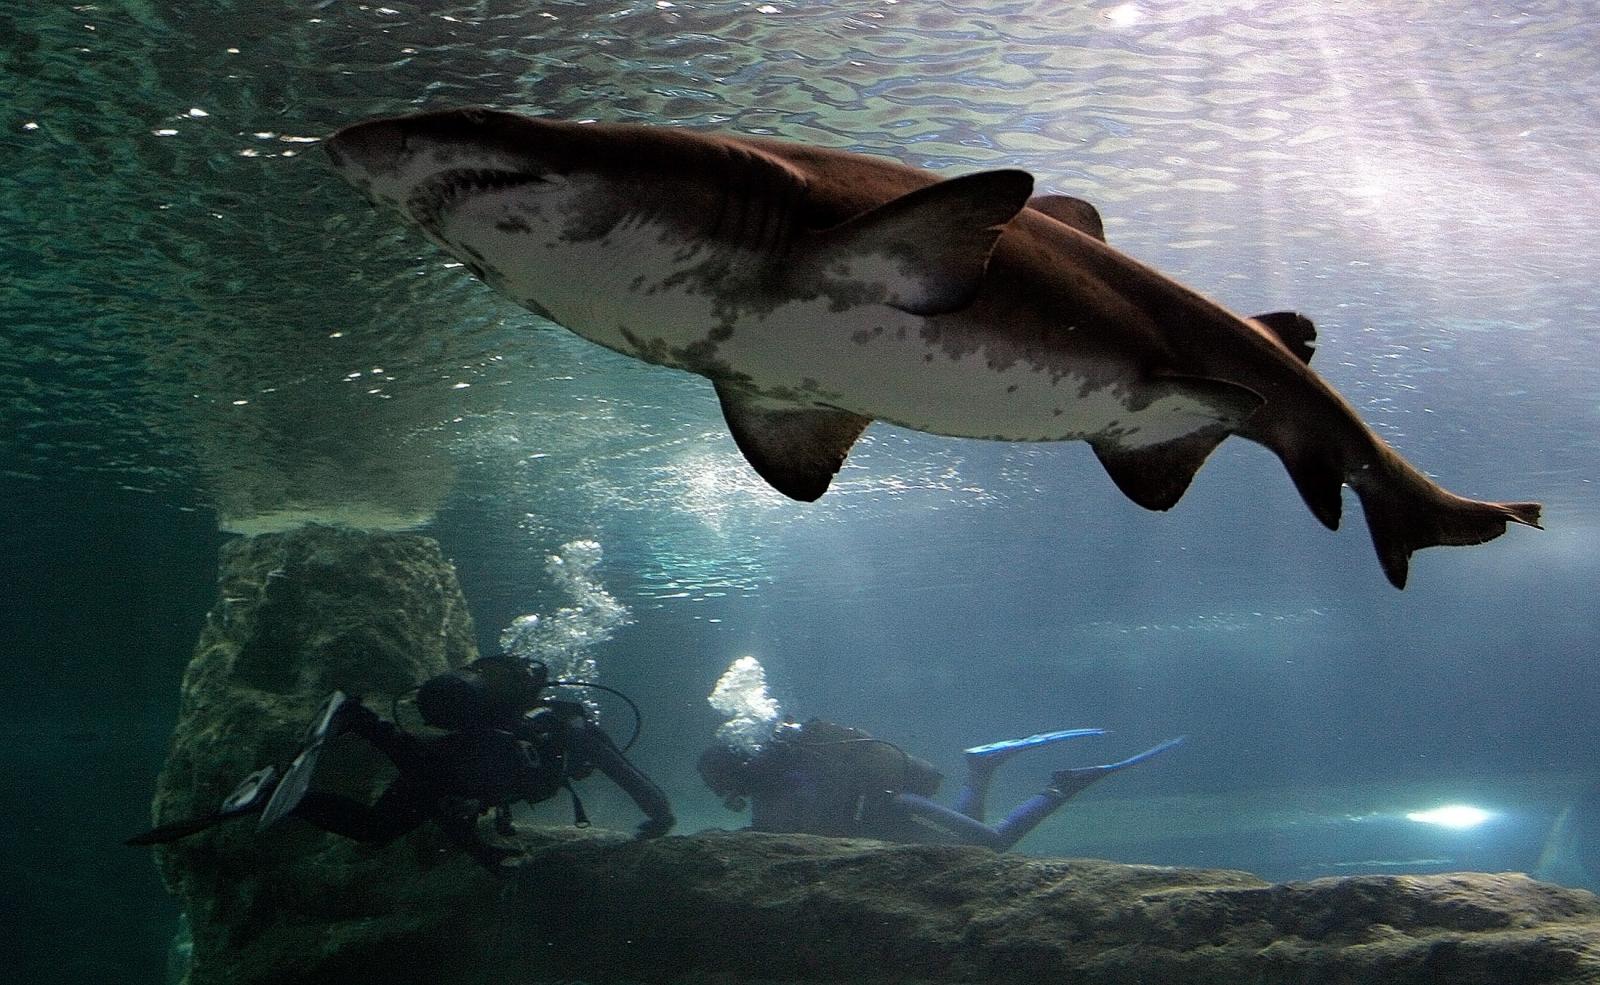 Florida man survives shark attack